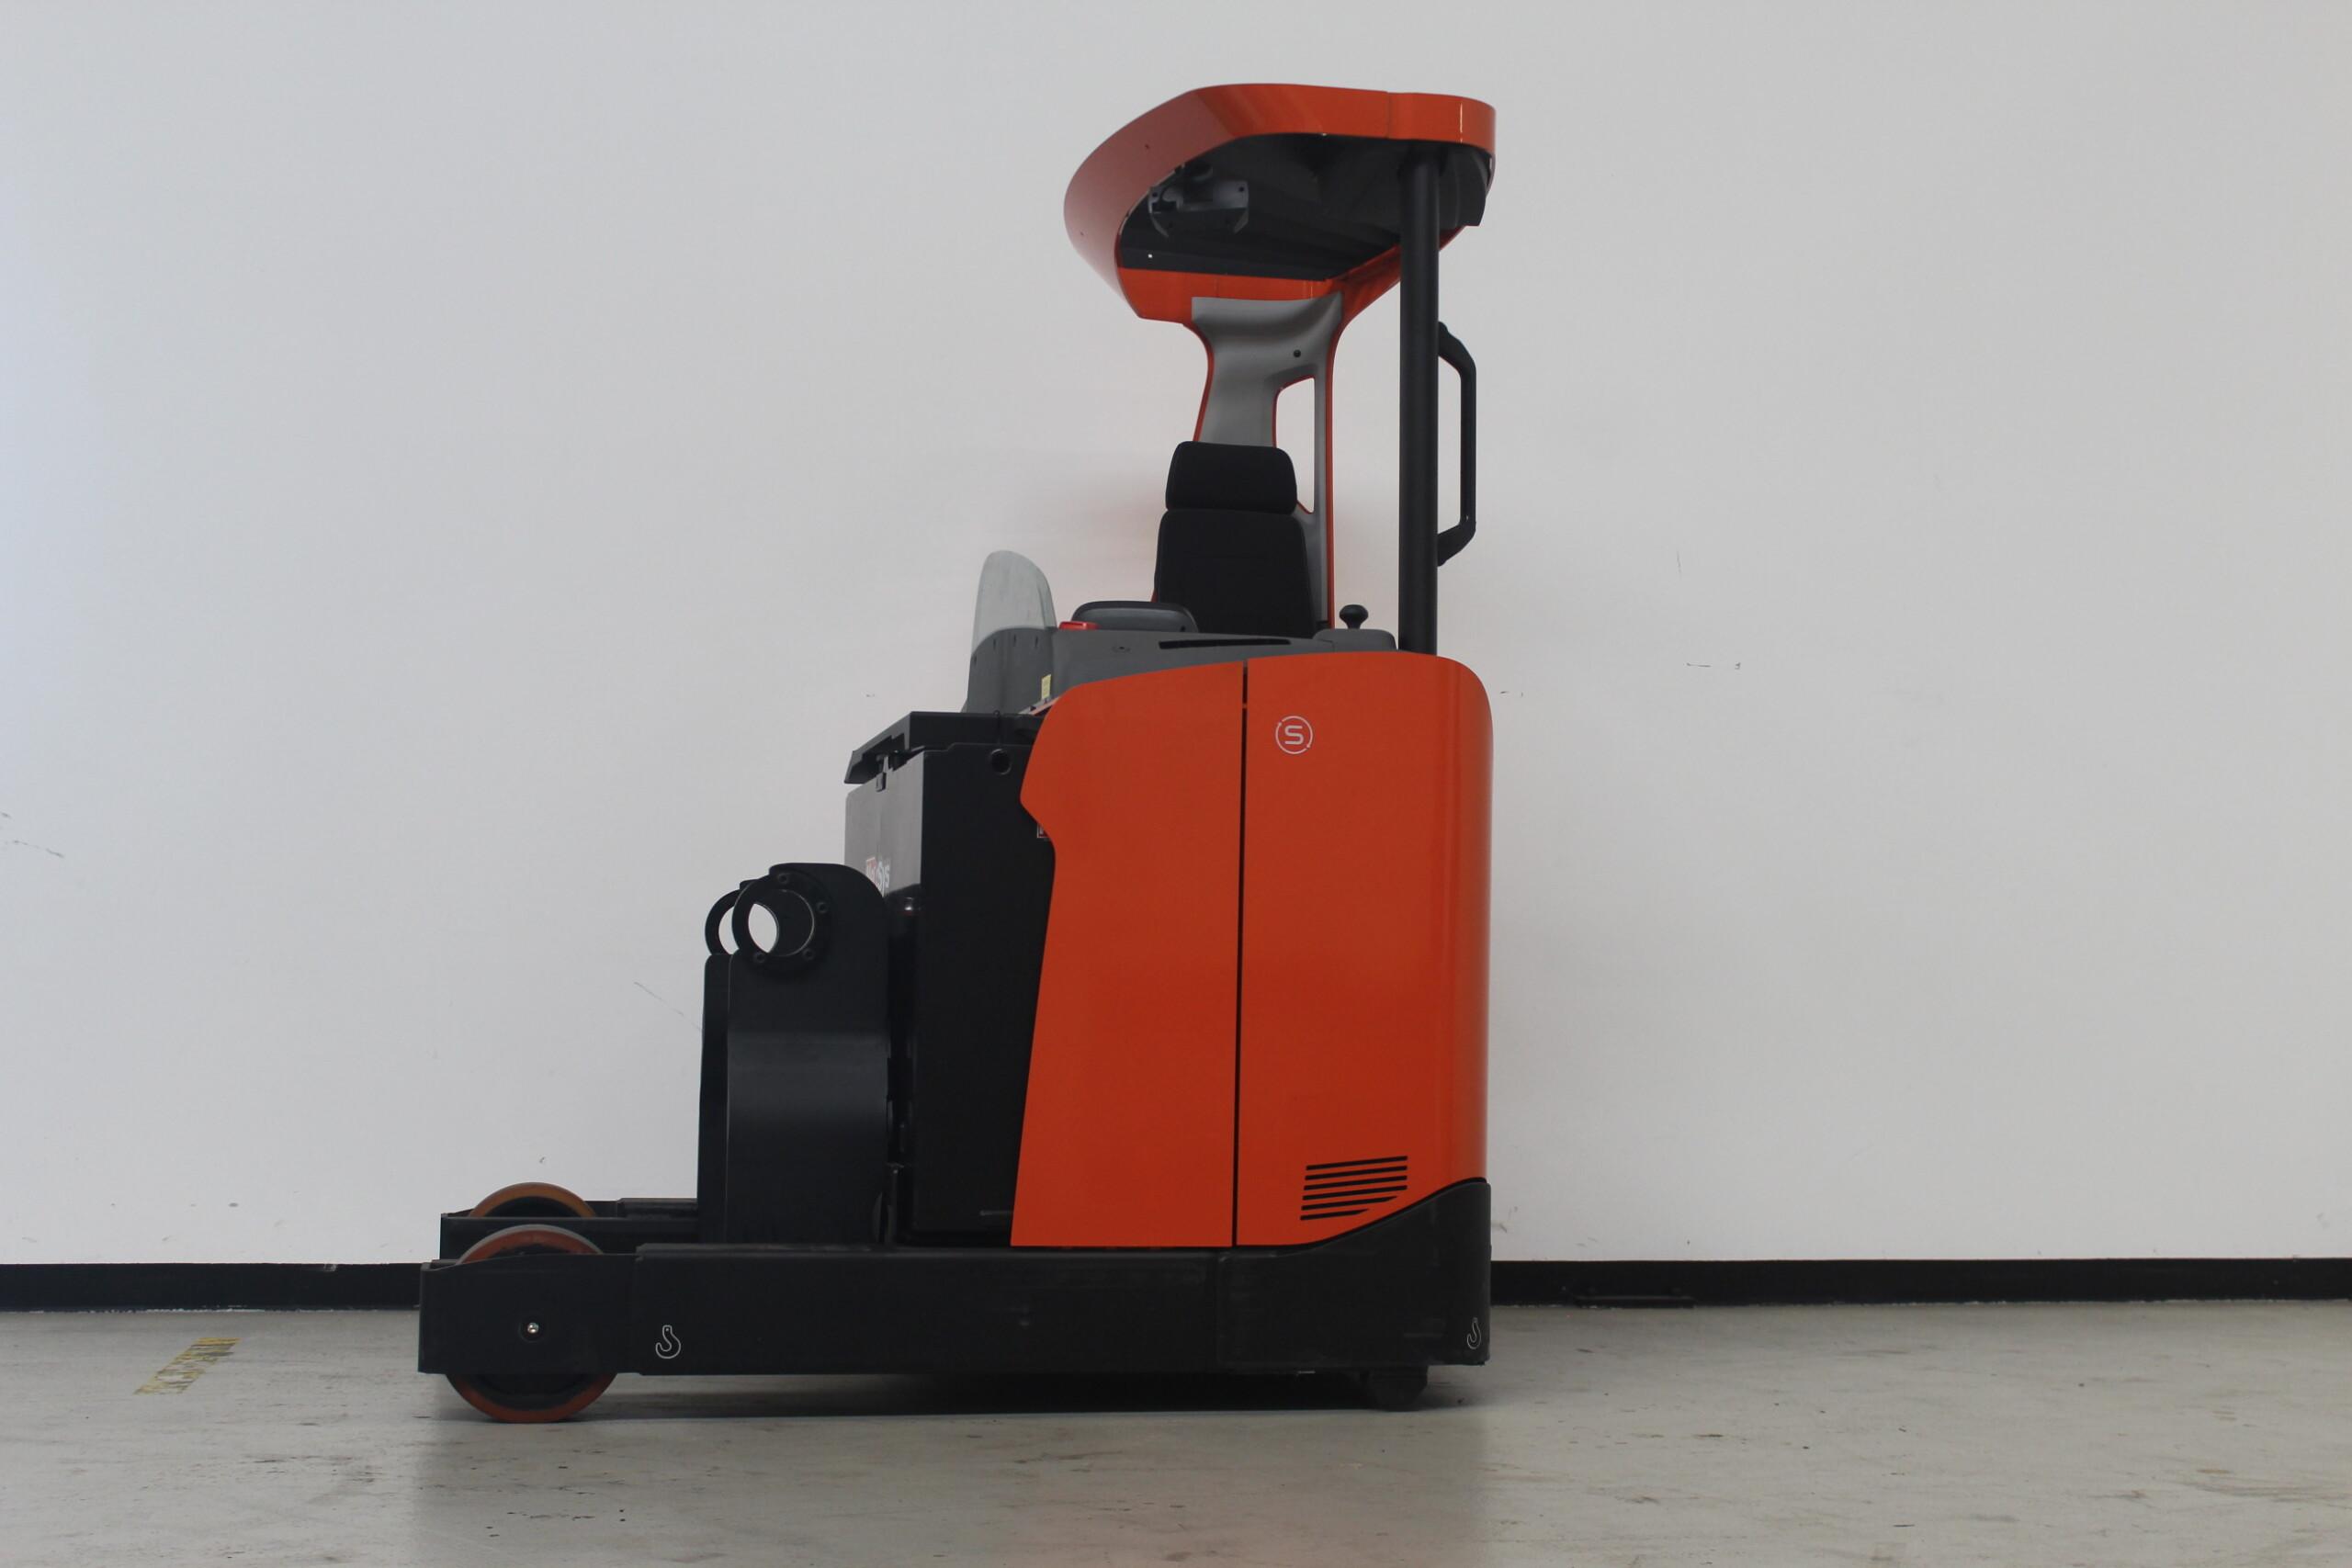 Toyota-Gabelstapler-59840 1907950141 1 9 scaled